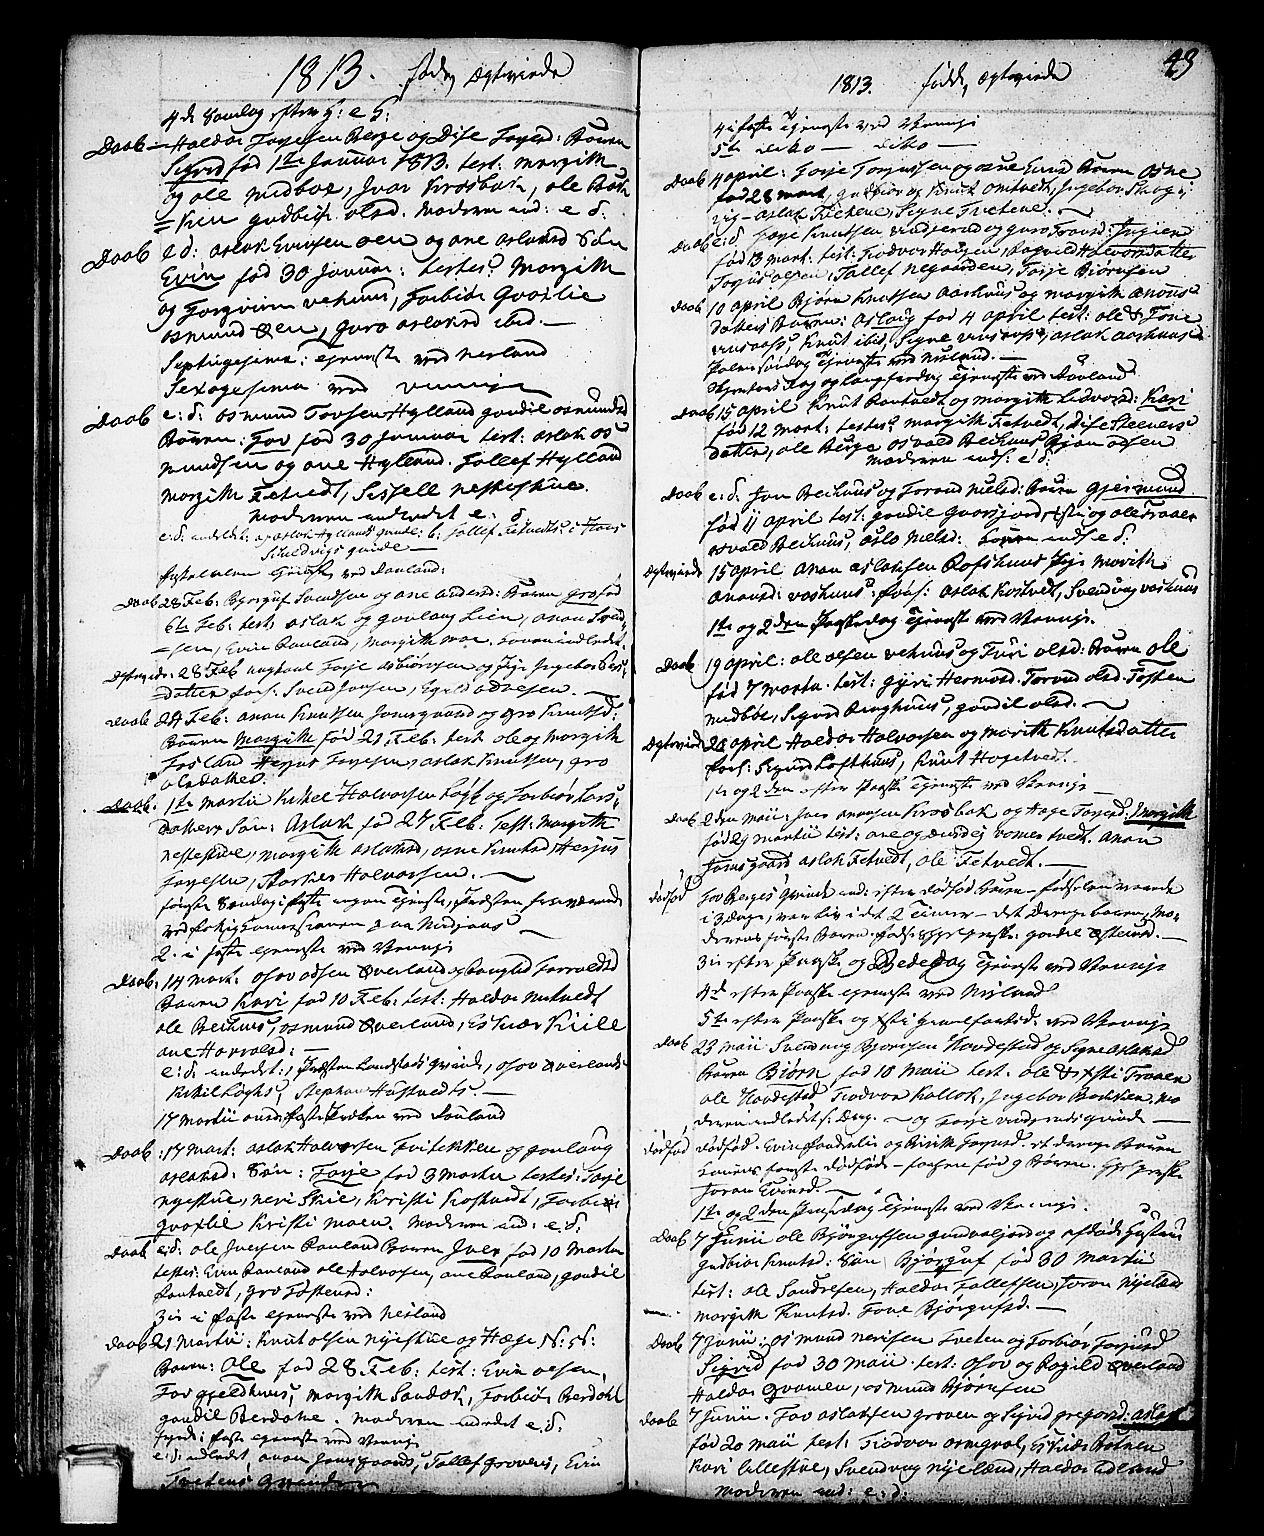 SAKO, Vinje kirkebøker, F/Fa/L0002: Ministerialbok nr. I 2, 1767-1814, s. 43